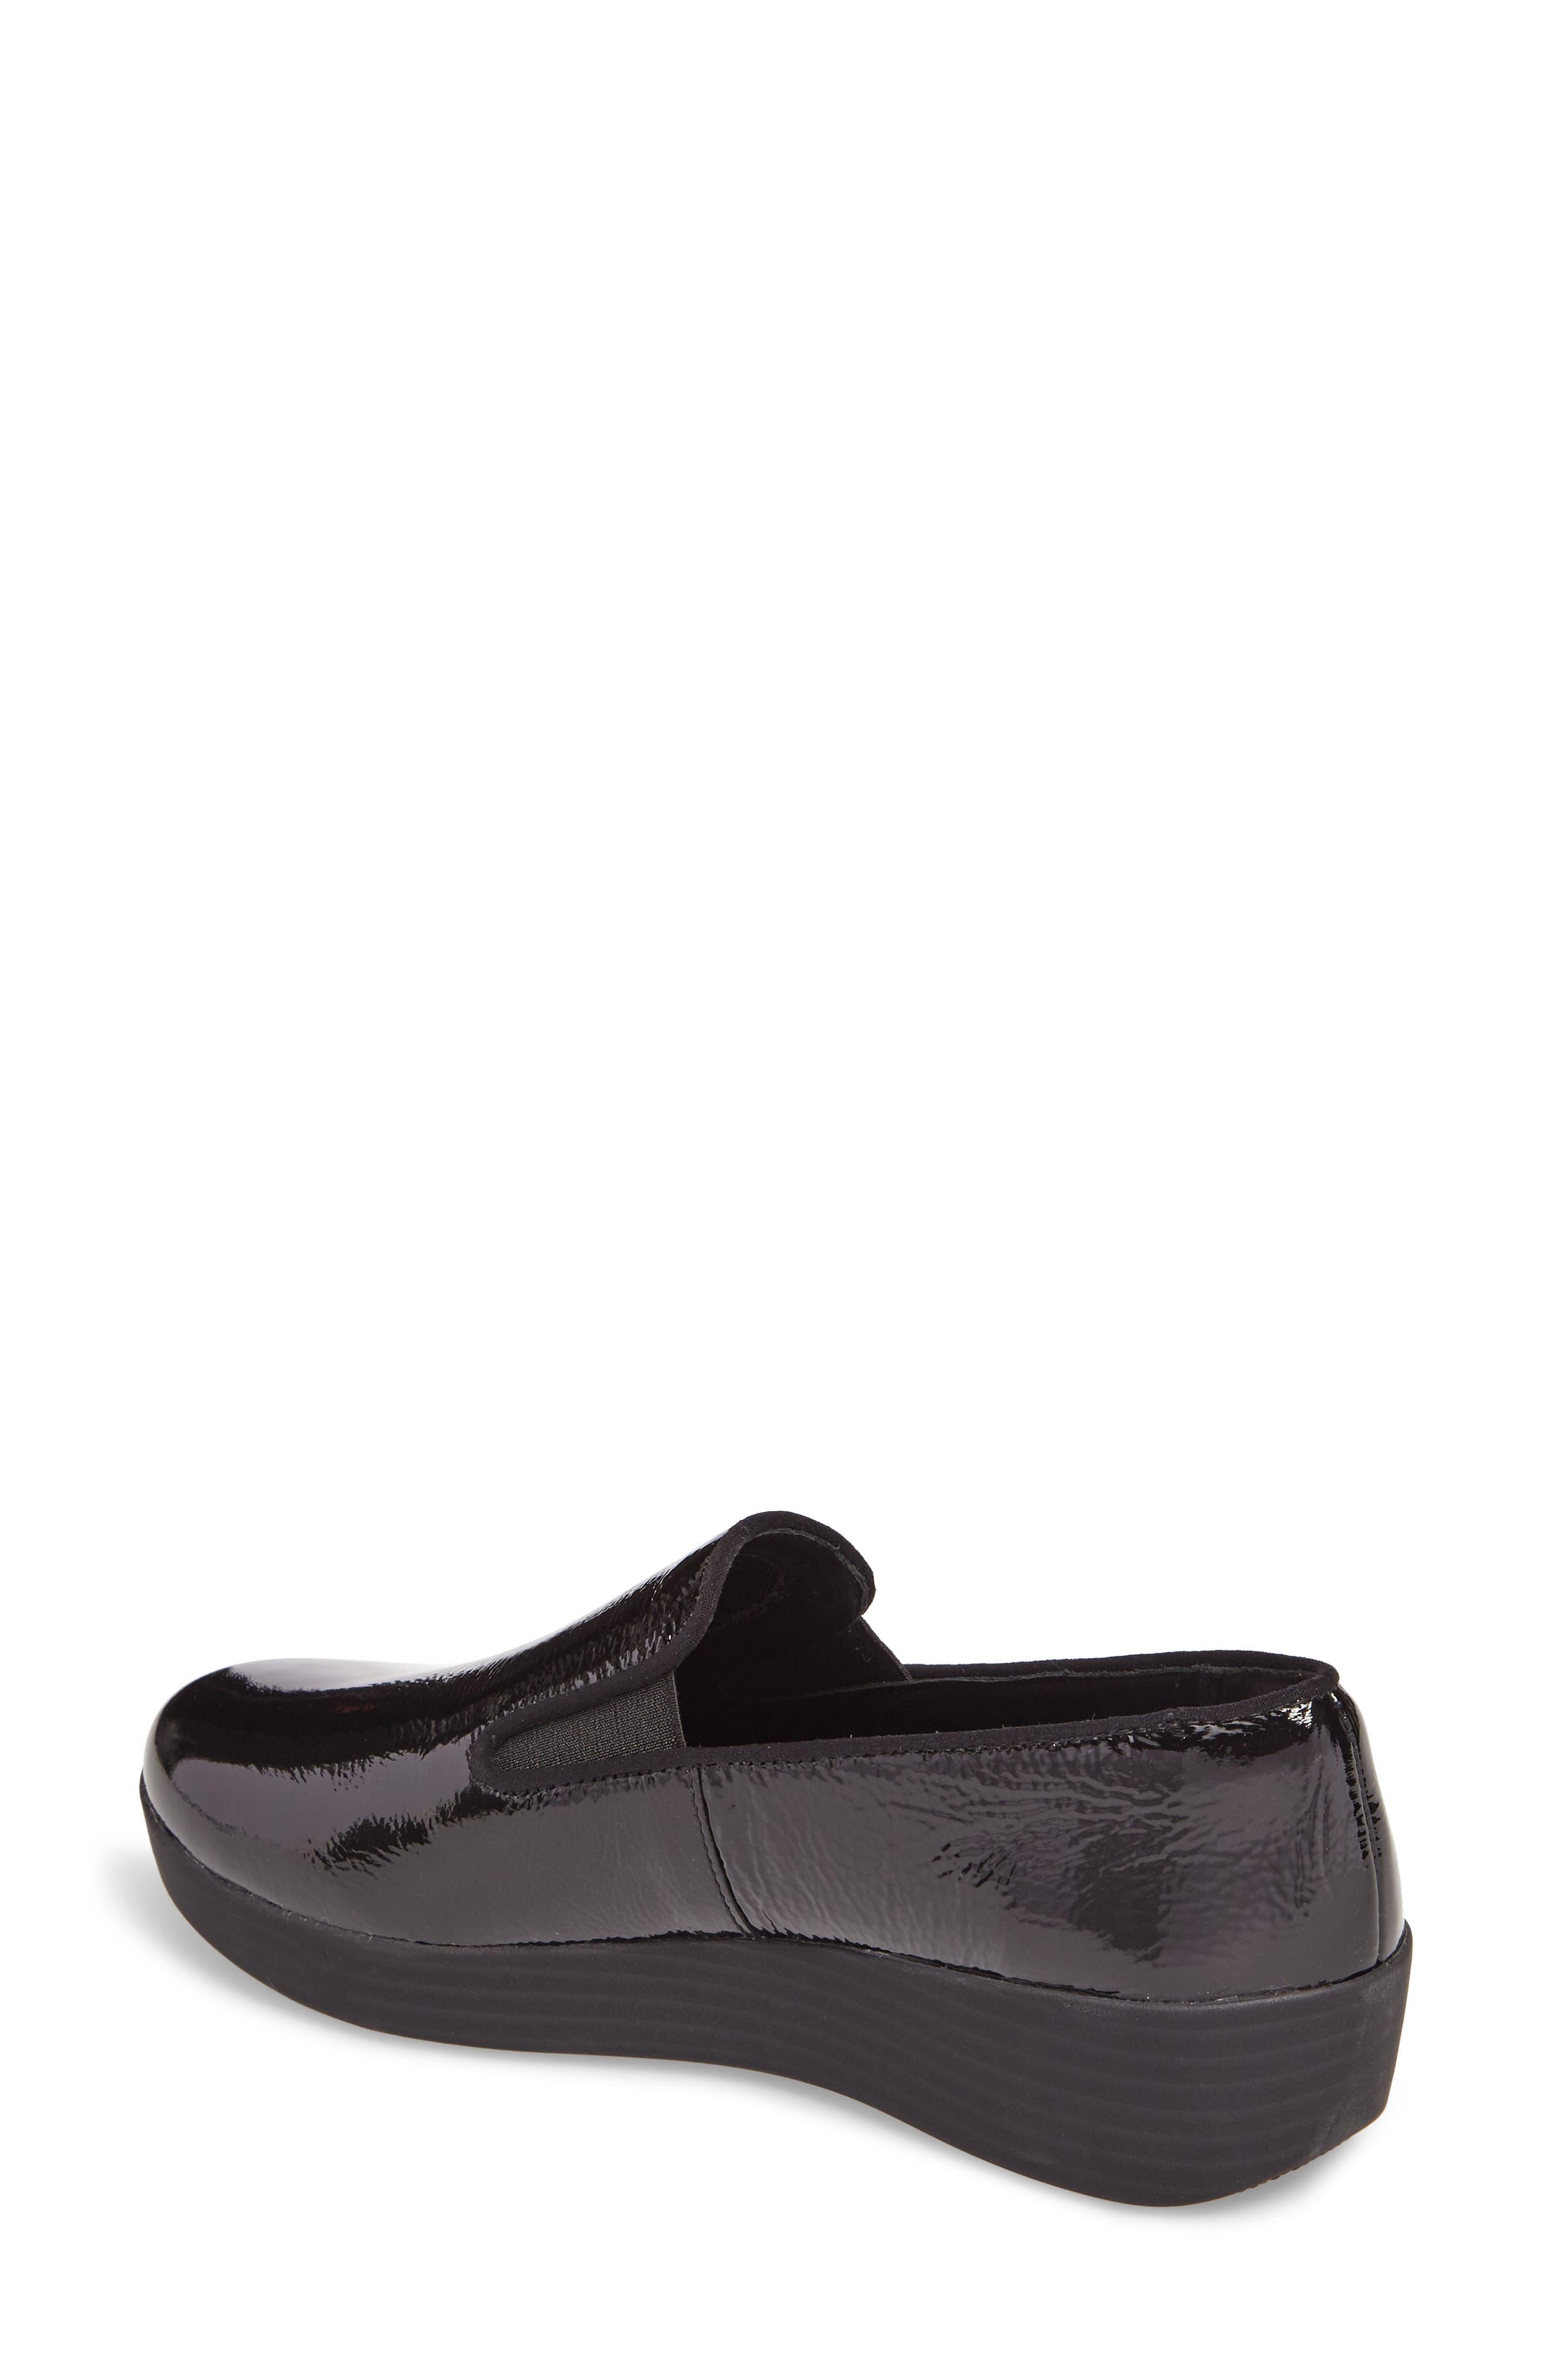 SuperSkate<sup>™</sup> Loafer,                             Alternate thumbnail 2, color,                             Black